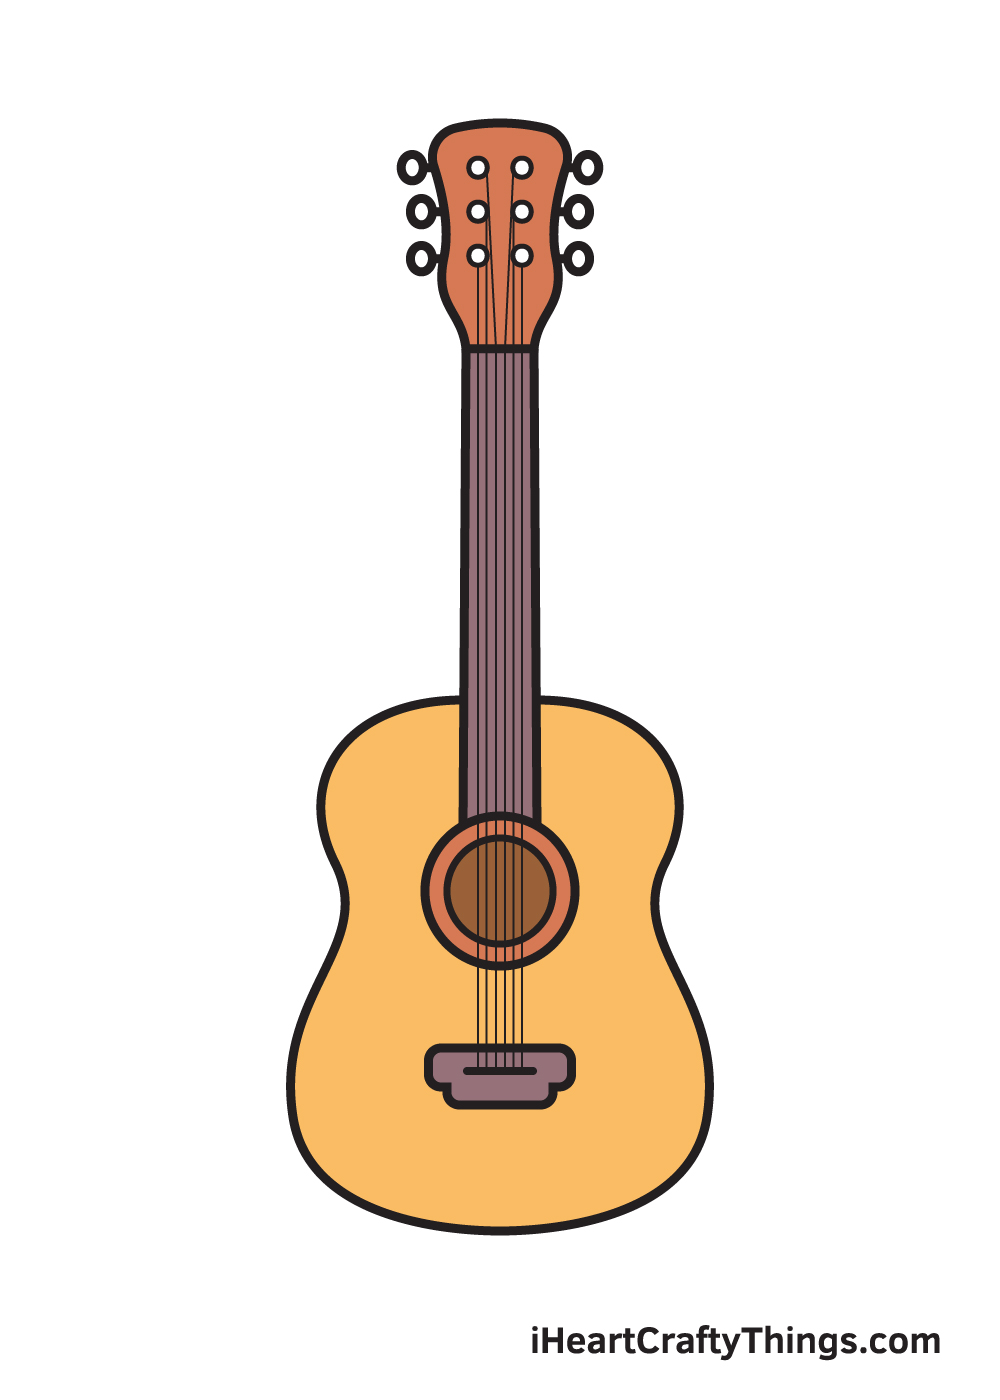 Vẽ guitar - 9 bước